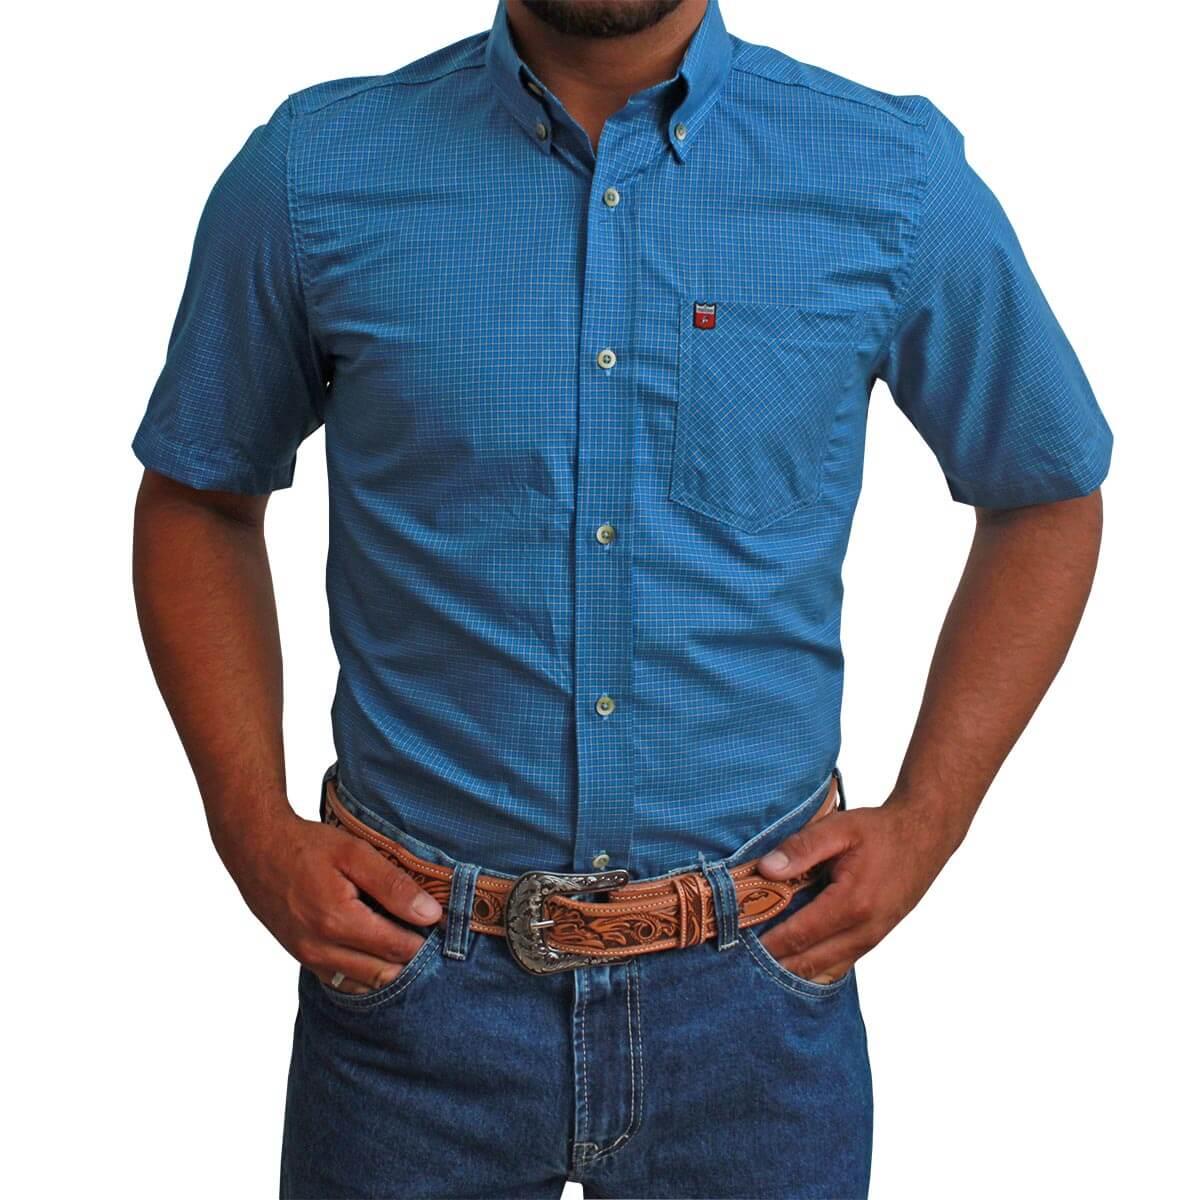 Camisa Manga Curta Os Vaqueiros Masculina Azul